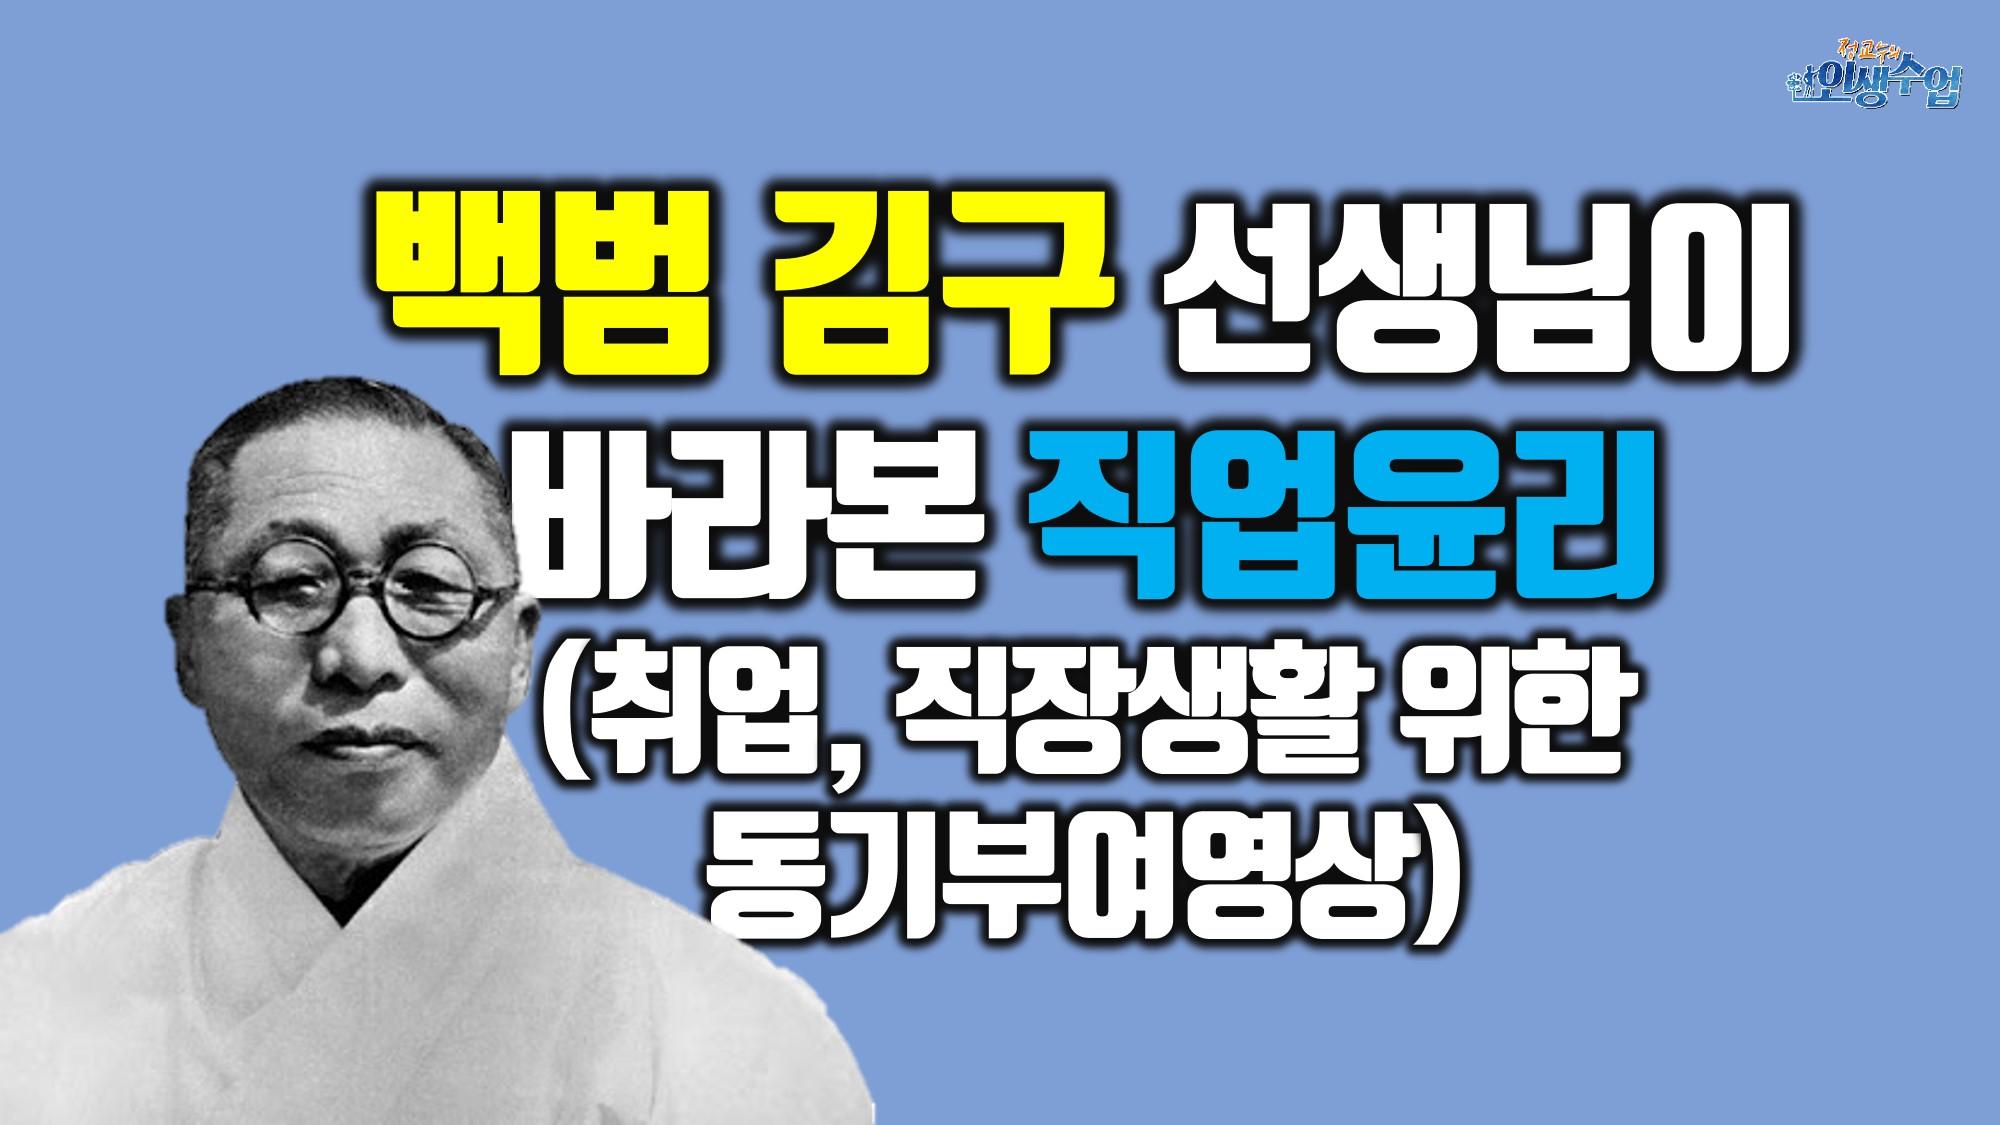 백범 김구 선생님이 바라본 직업윤리(일, 취업, 직업, 직장생활 마음가짐)